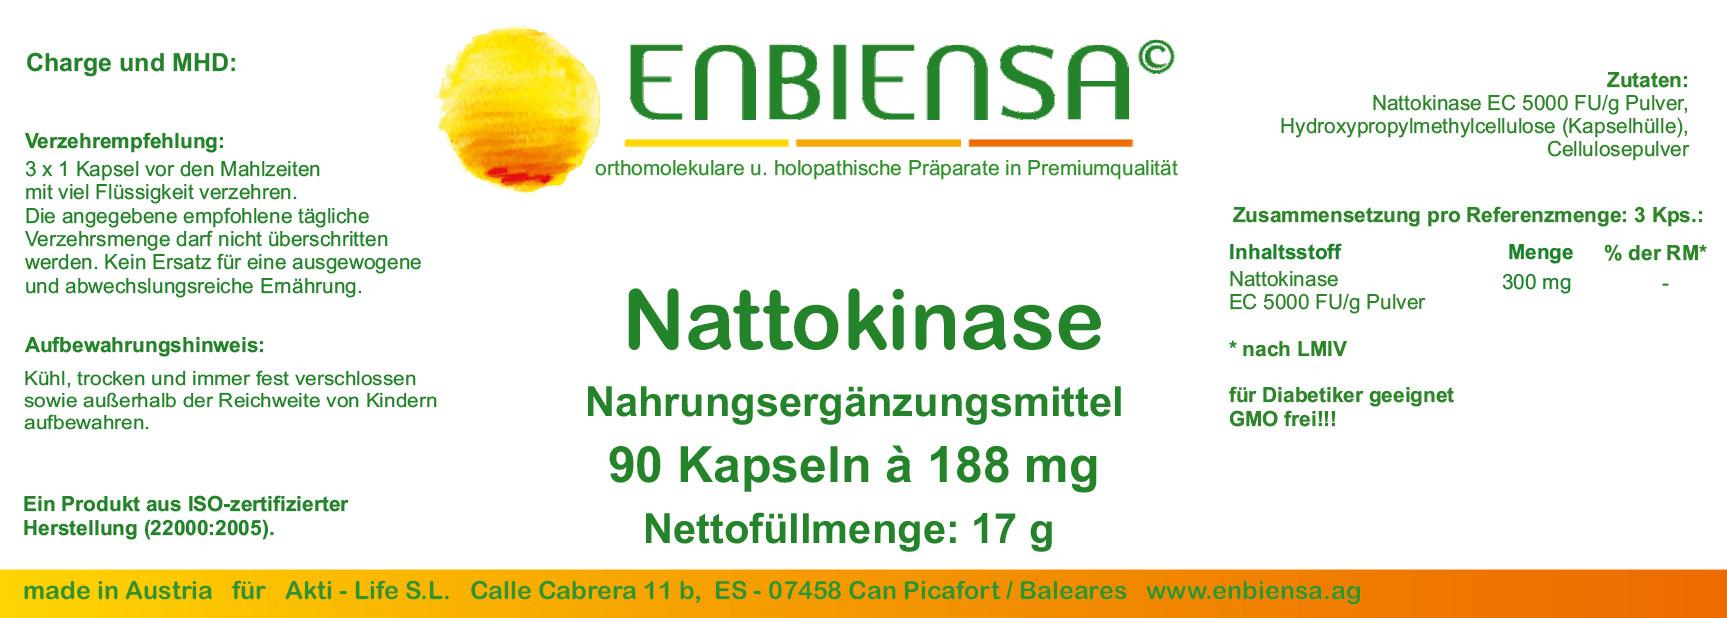 Enbiensa Nattokinase - Enbiensa